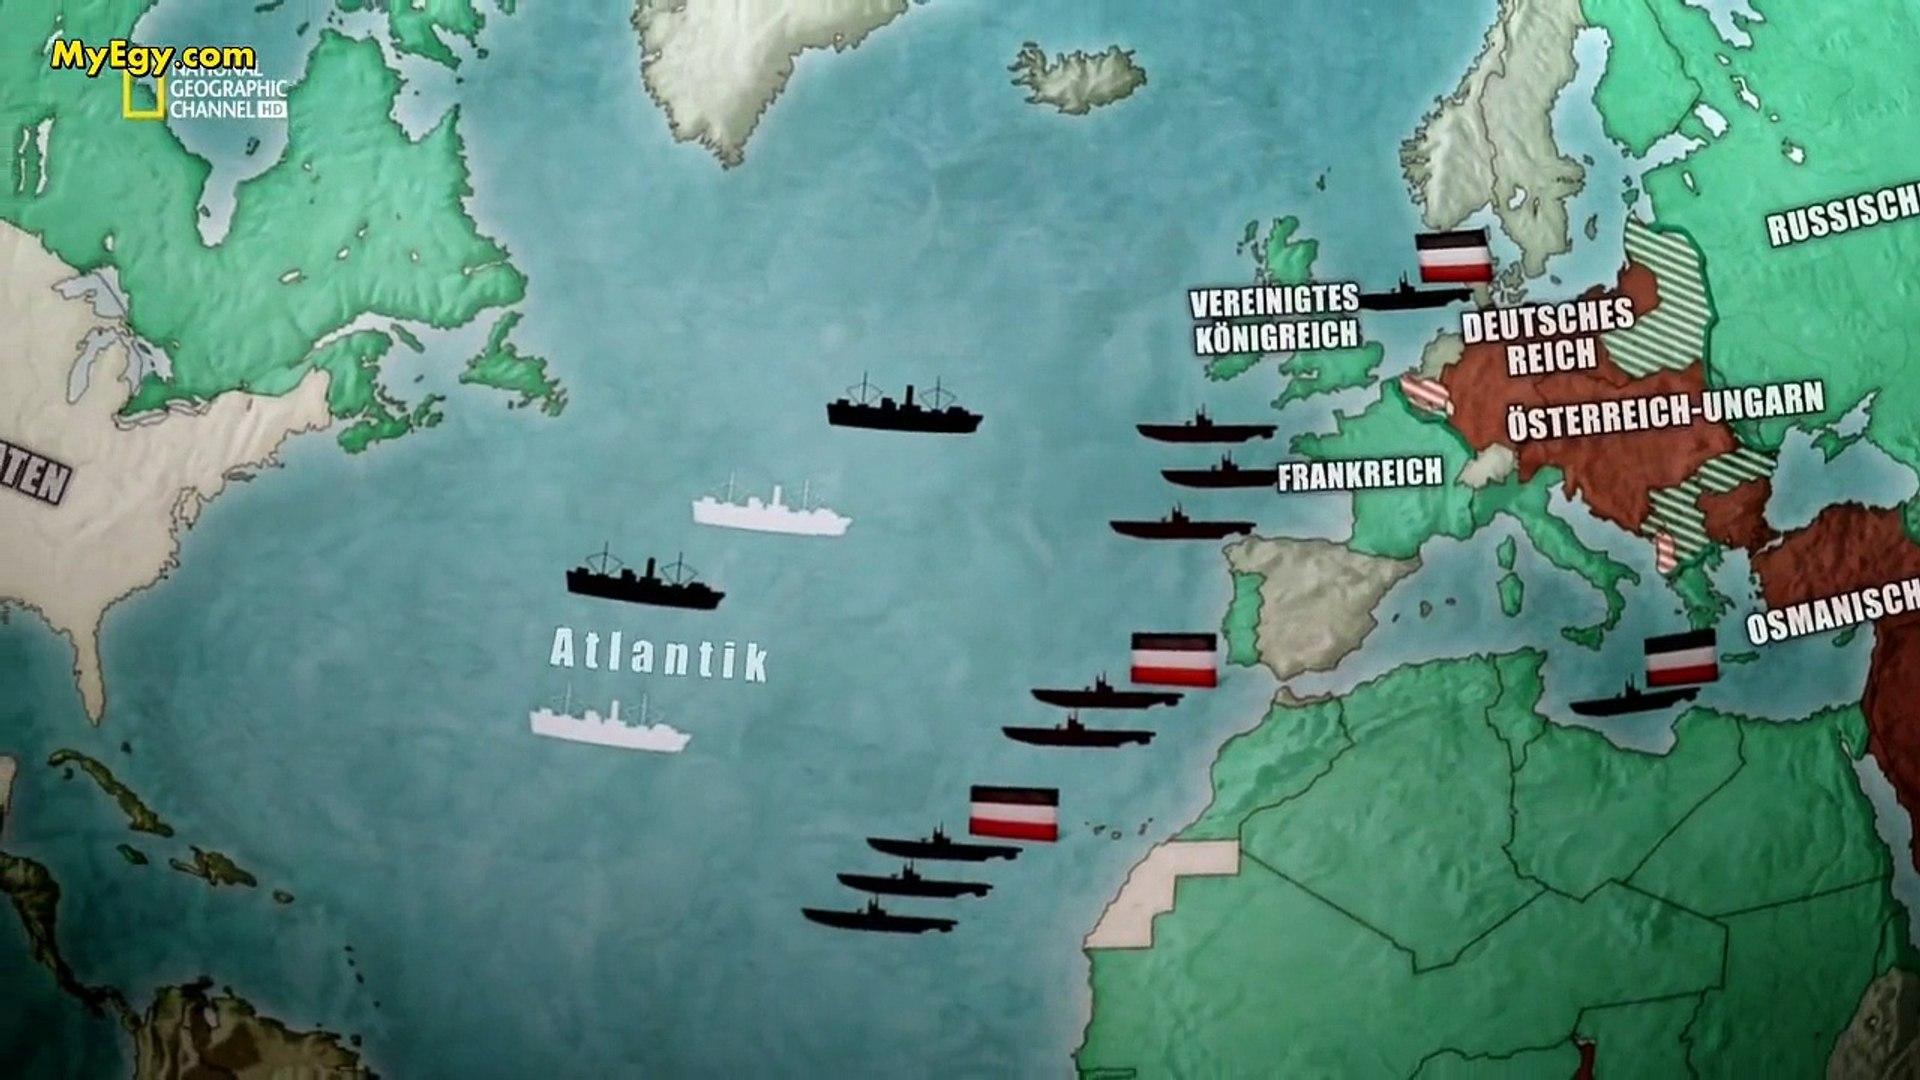 السلسلة الوثائقية الحرب العالمية الاولى   الجزء الرابع